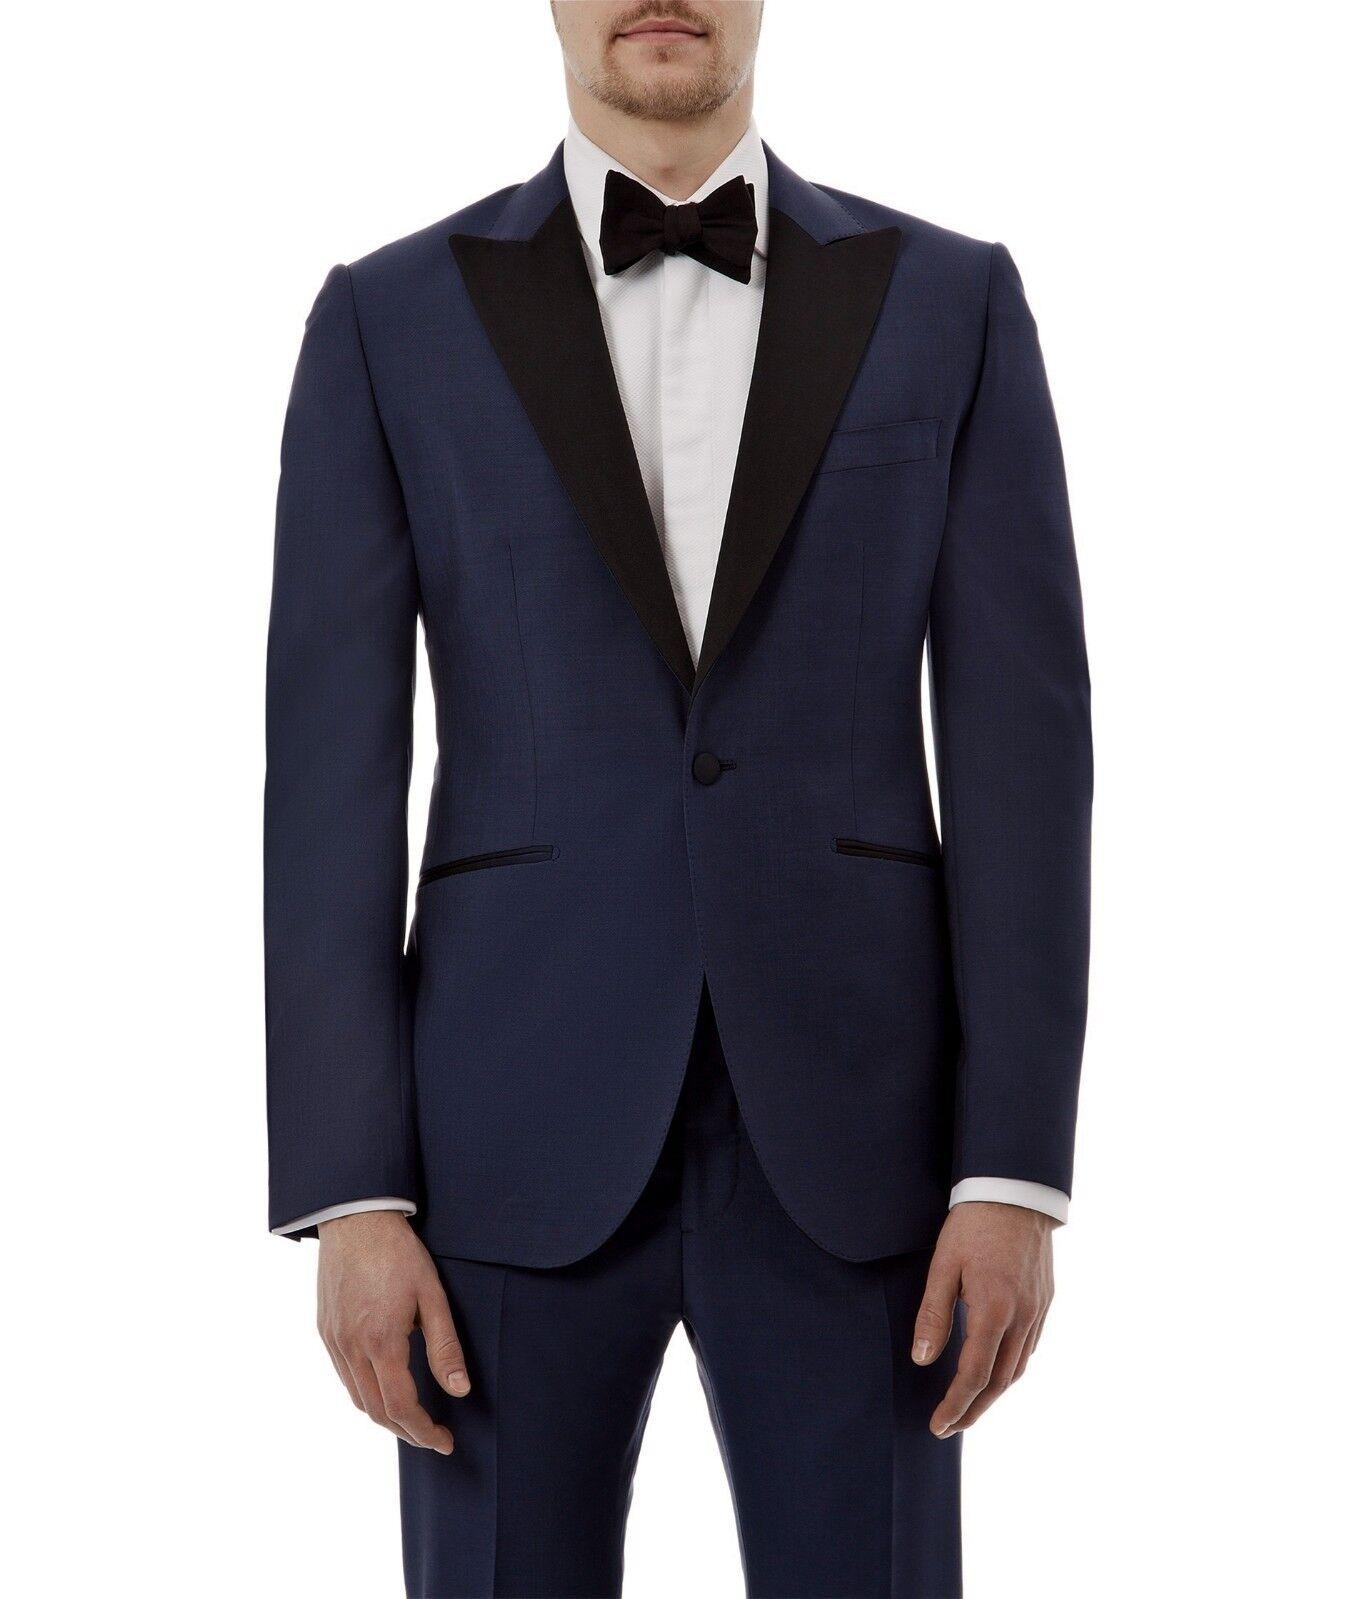 HARDY AMIES Navy Wool MOHAIR Tuxedo Dinner Suit UK40 US40 IT50 C40xW34xL36 NEW  | Klein und fein  | Klein und fein  | Online Outlet Store